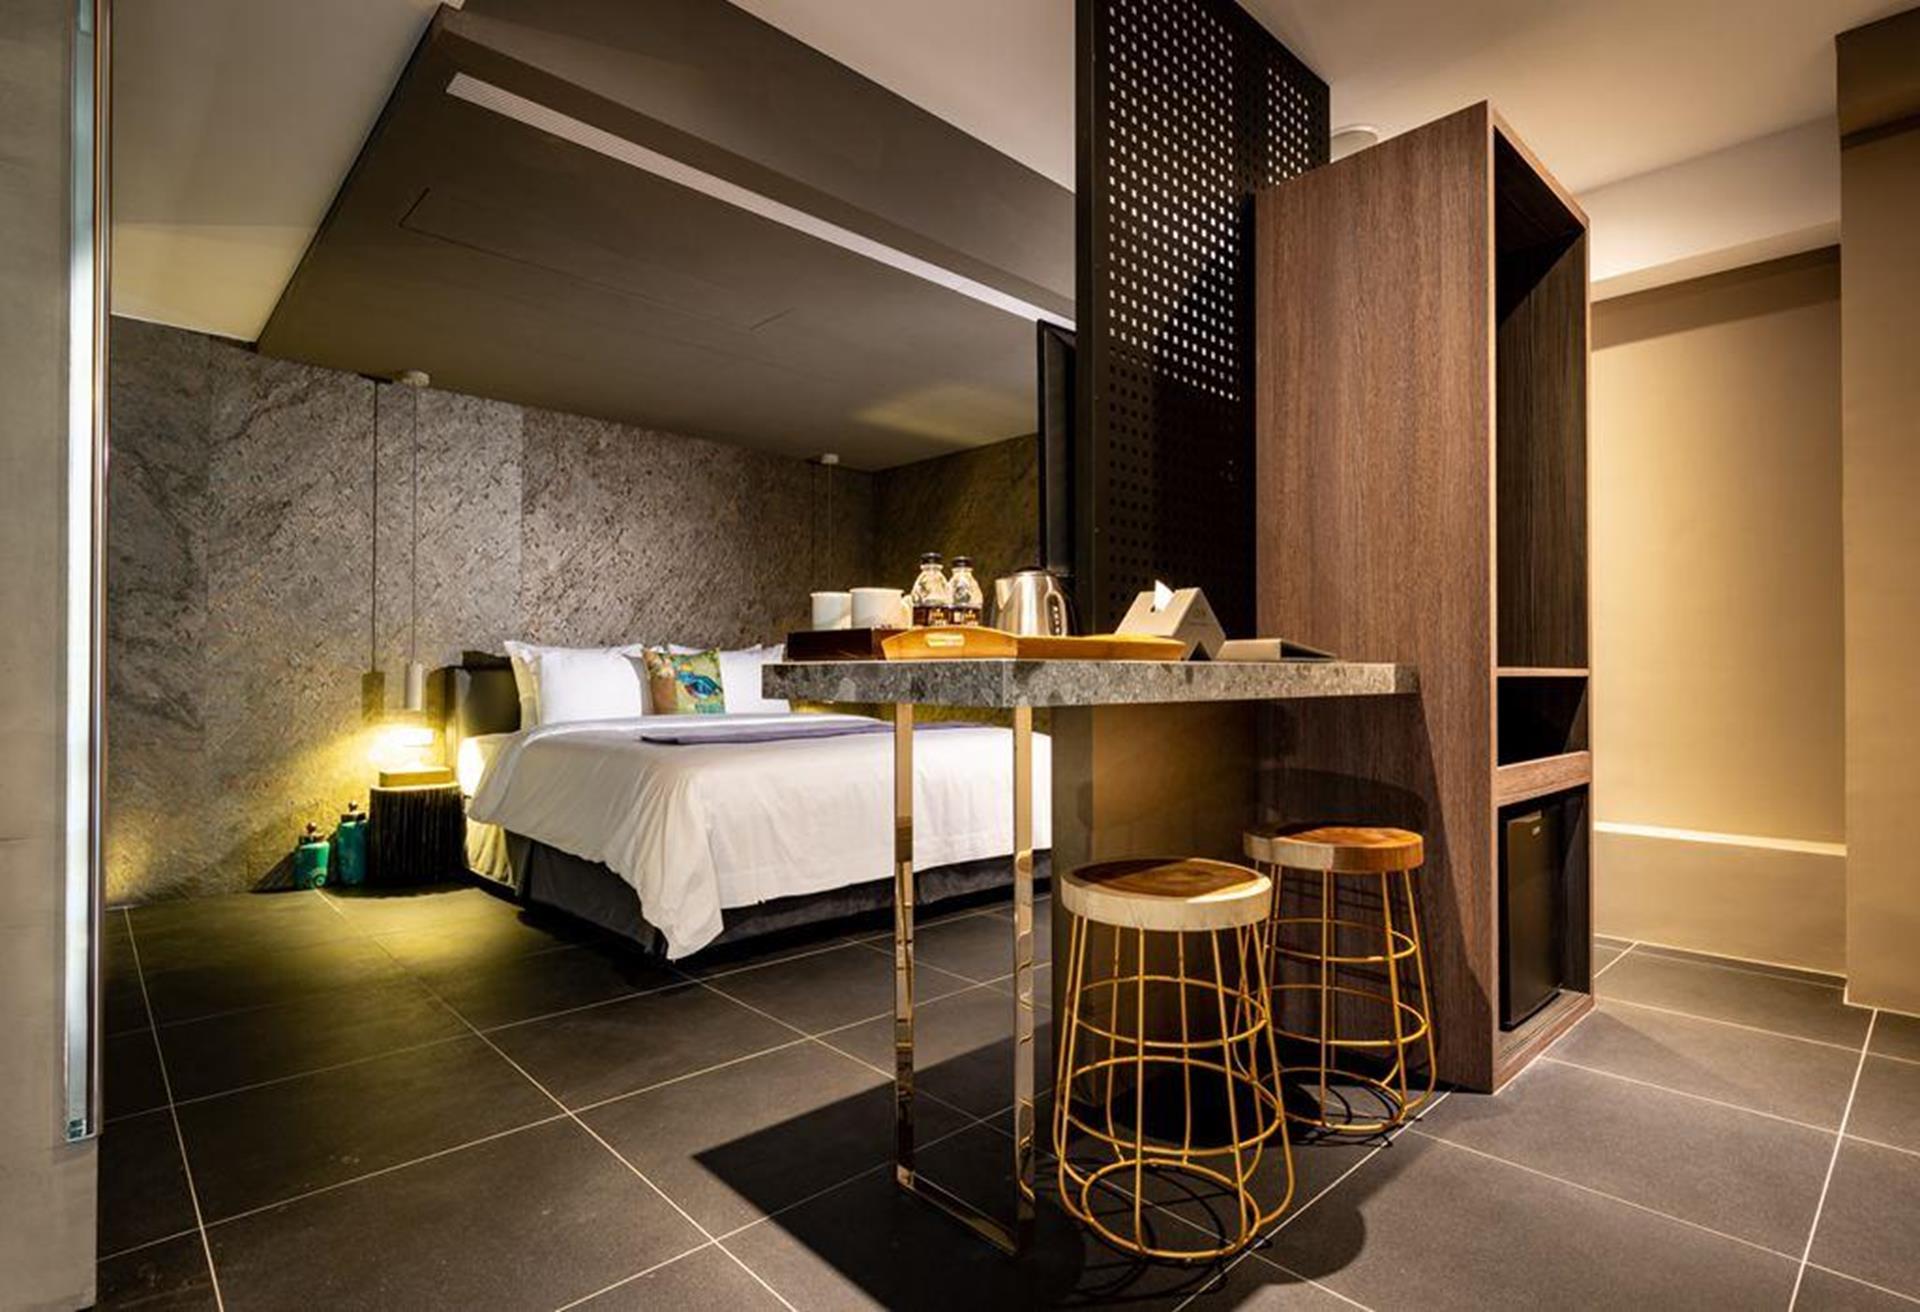 台南汽車旅館推薦 - 硯月精品汽車旅館的月夜總統套房